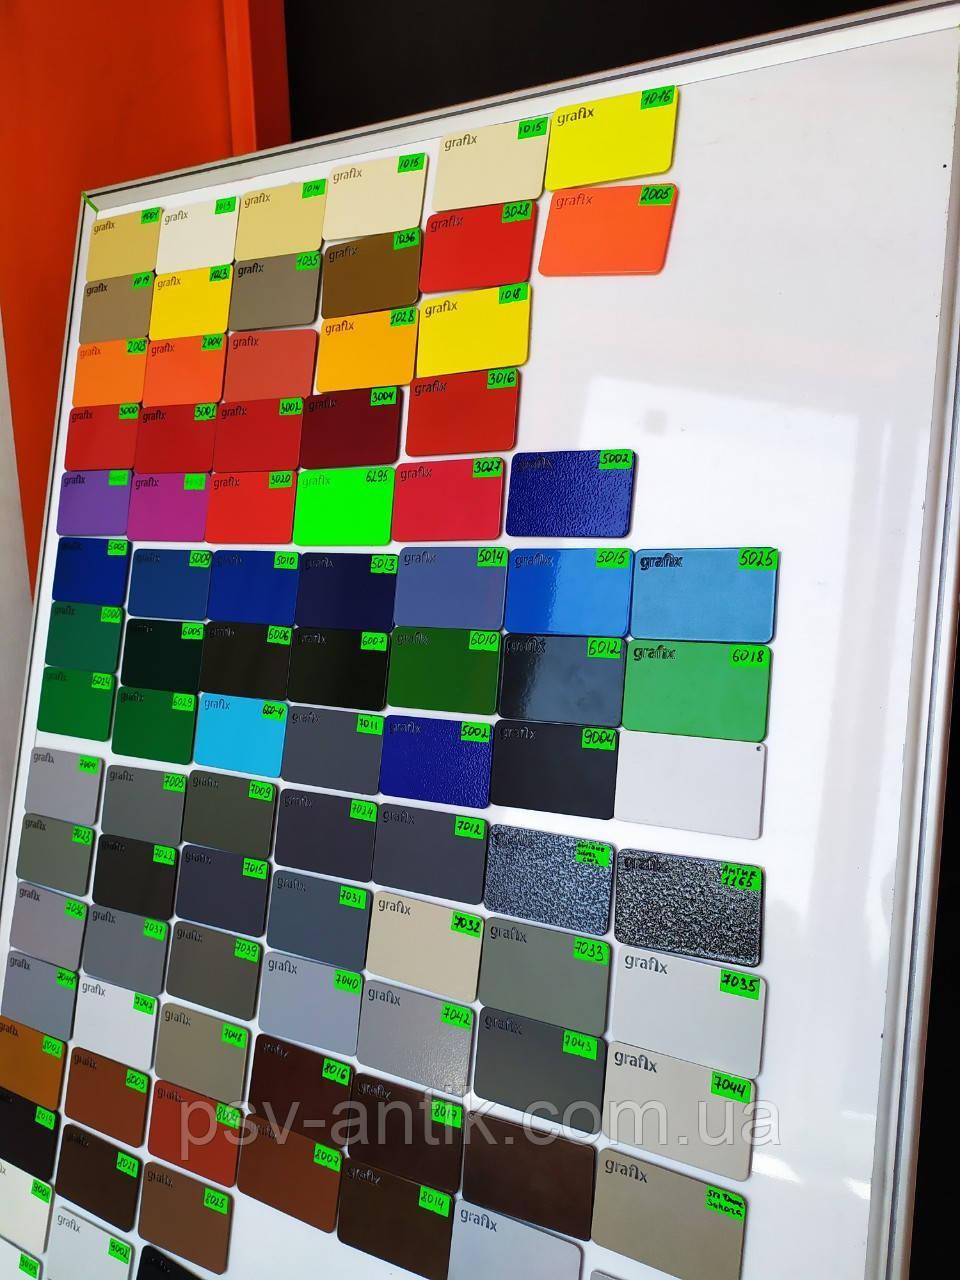 Порошковая краска структурная, полиэфирная, архитектурная, 521